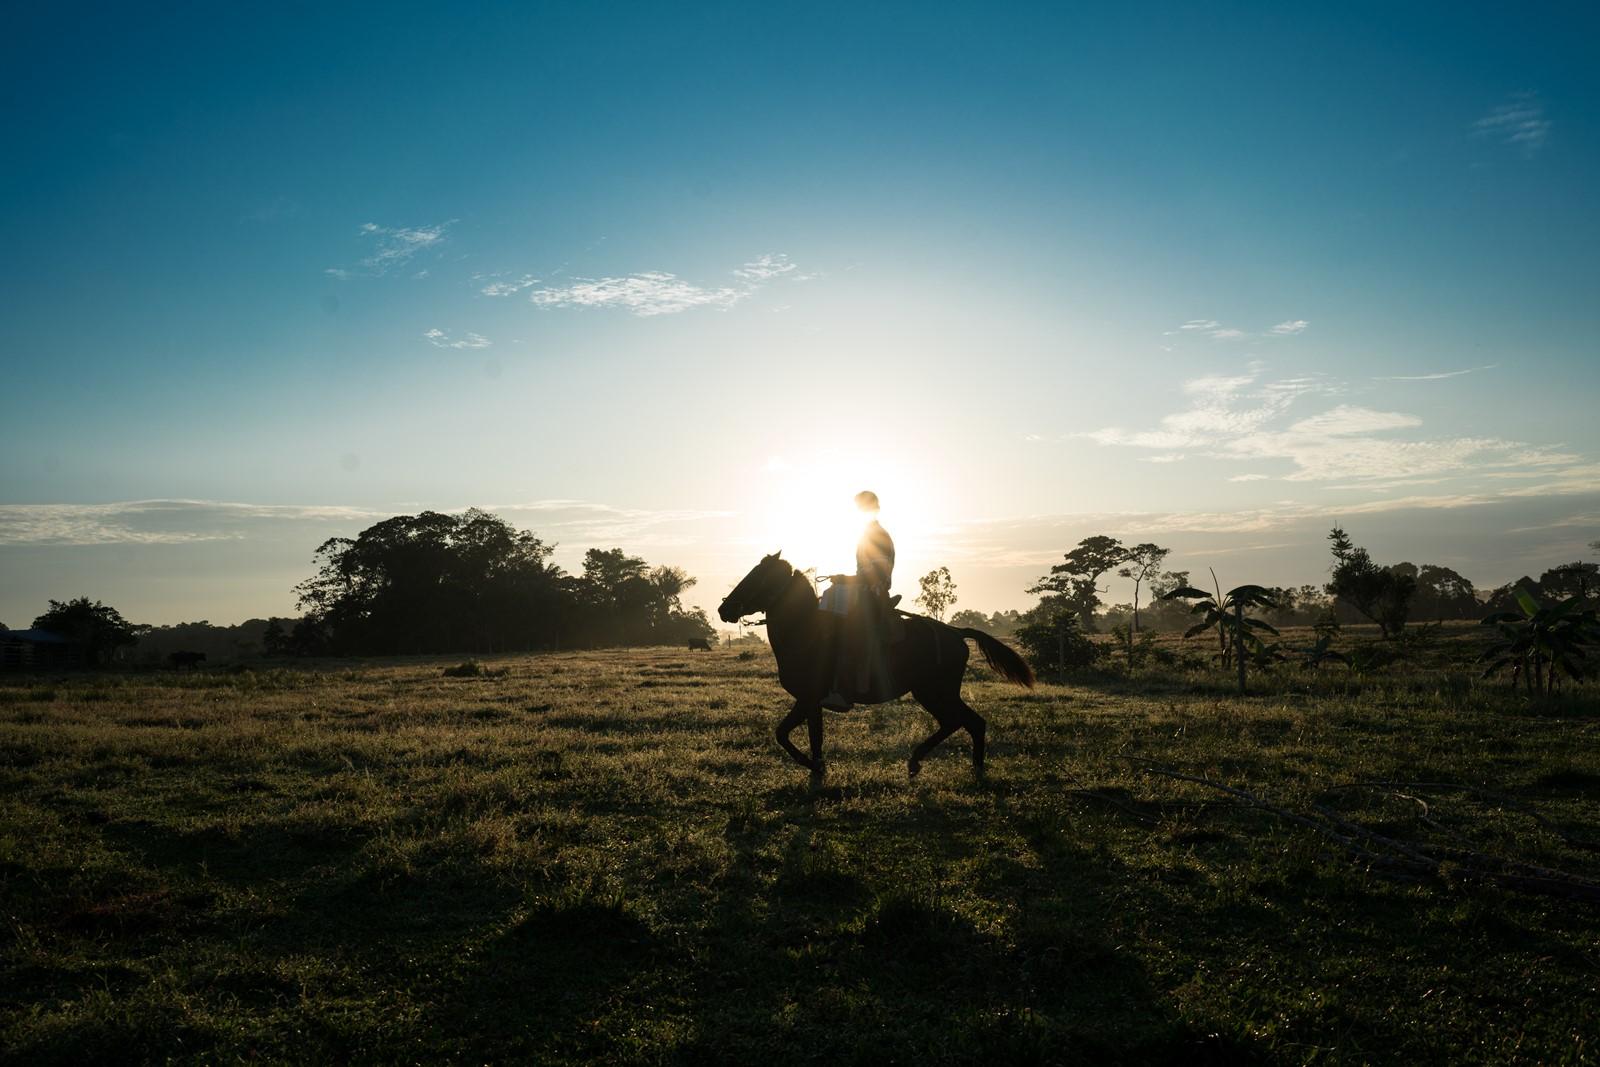 Fotorreportaje: ser campesino y vender productos por primera vez